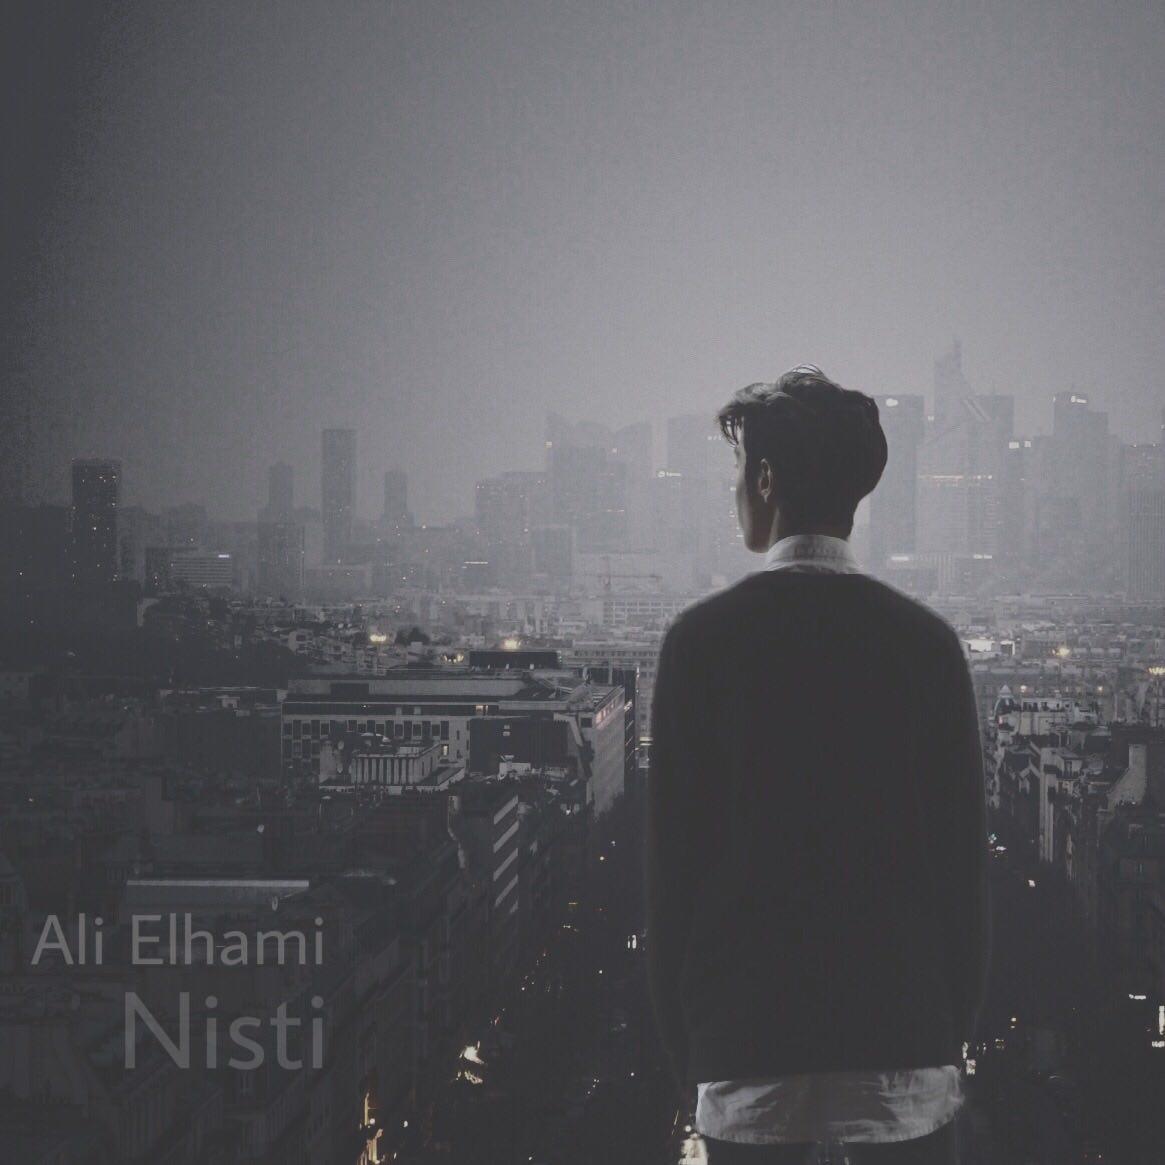 دانلود آهنگ جدید علی الهامی به نام نیستی